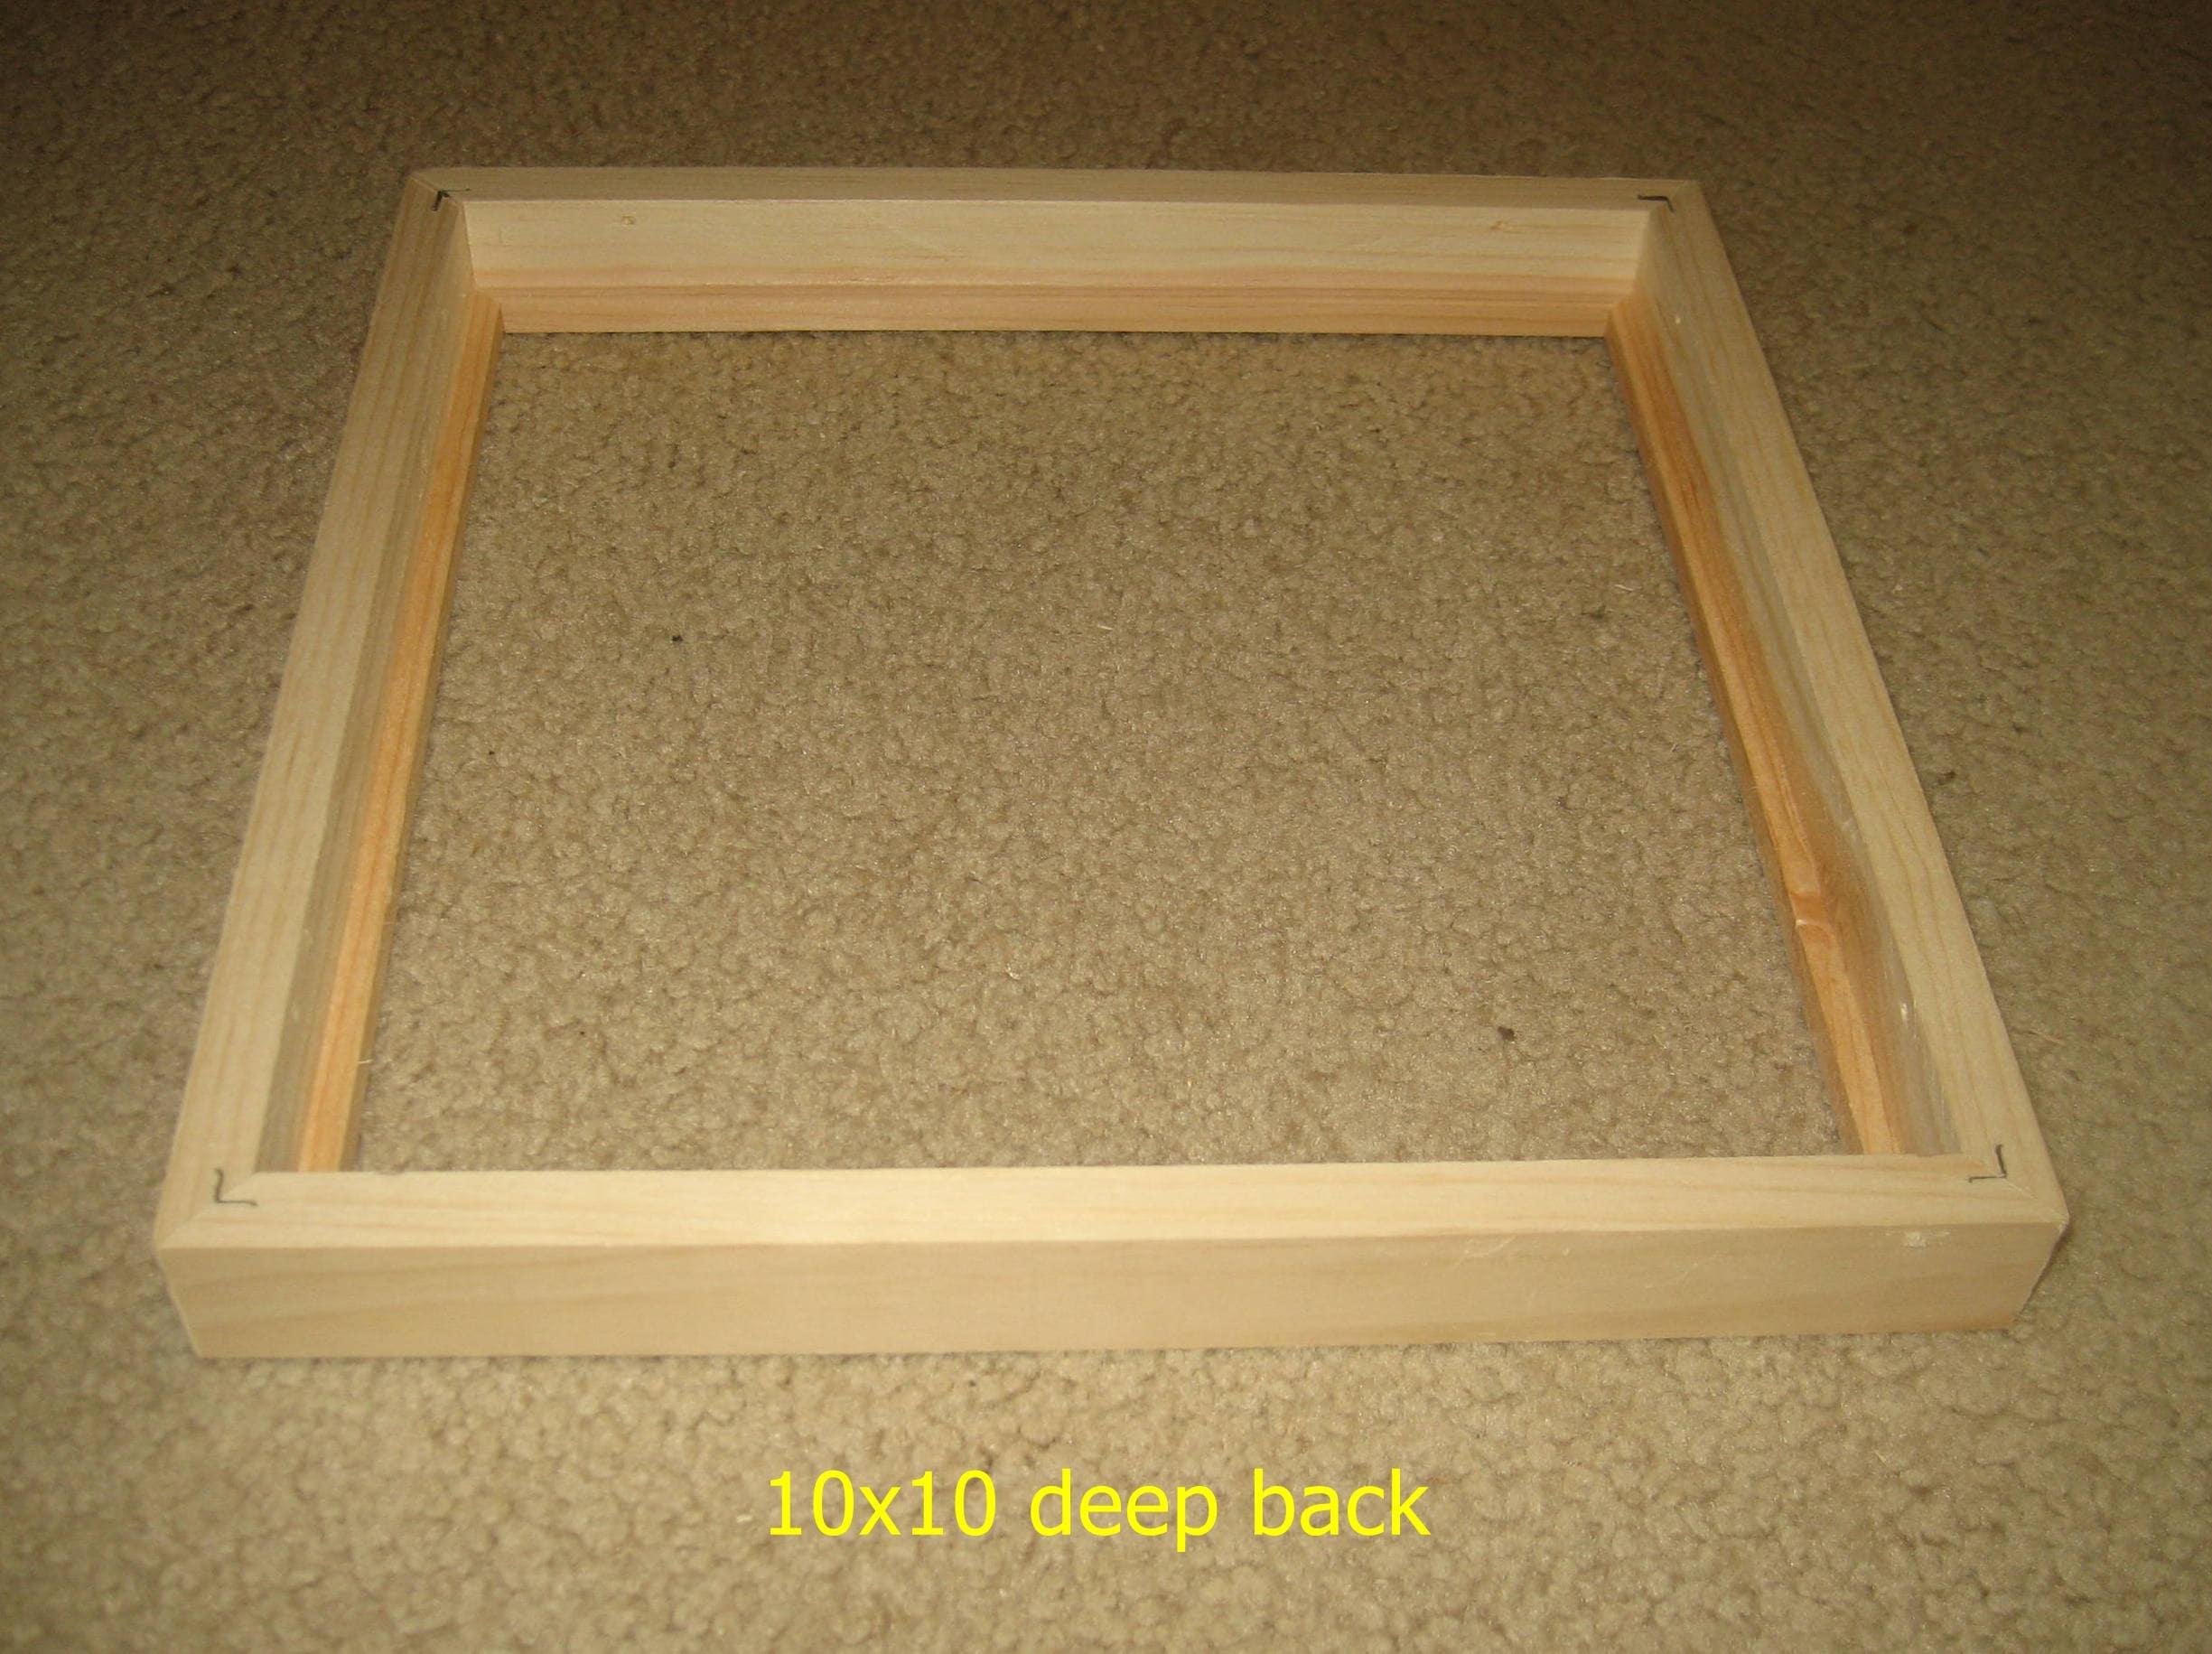 marco foto 10 x 10 con rebajes profundos para lienzos, madera sin ...